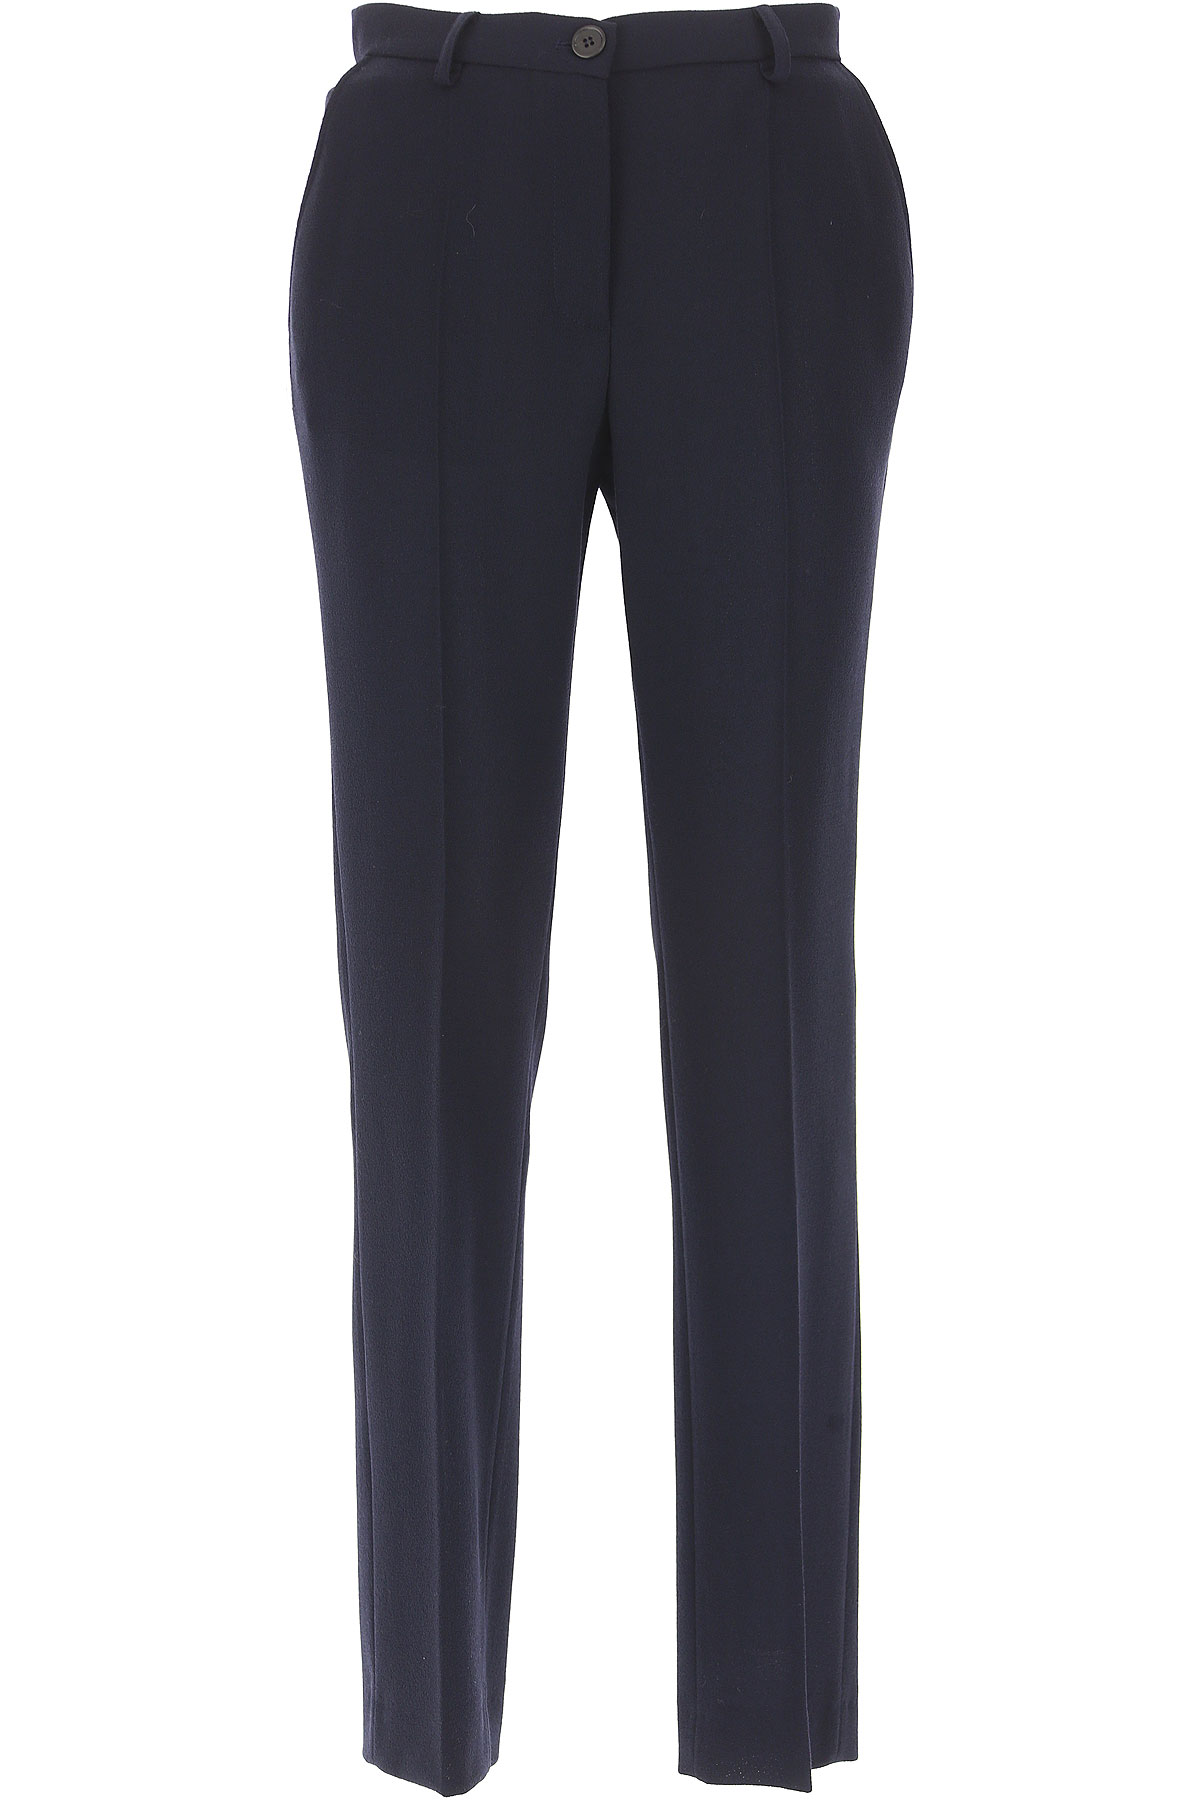 Piccione.Piccione Pantalon Femme Pas cher en Soldes, Minuit, Polyester, 2017, 40 42 44